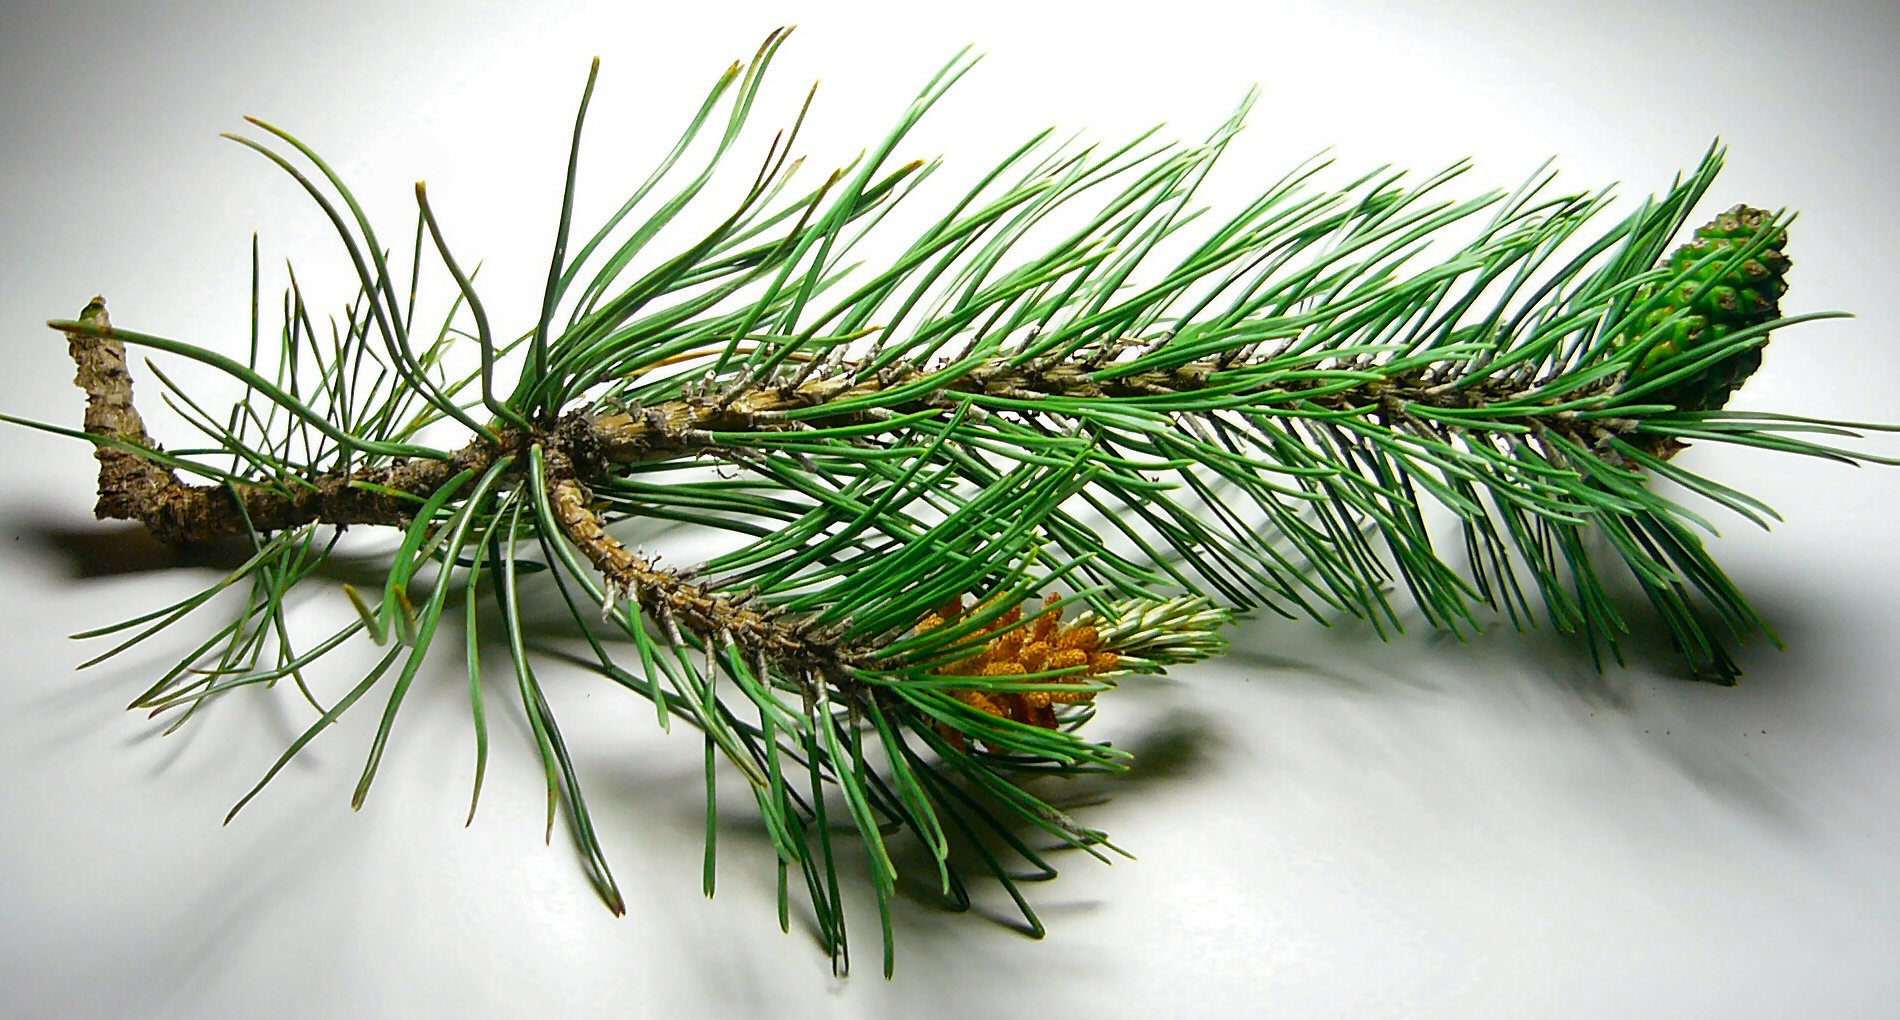 Новогодняя елка - символ Вечной жизни 7